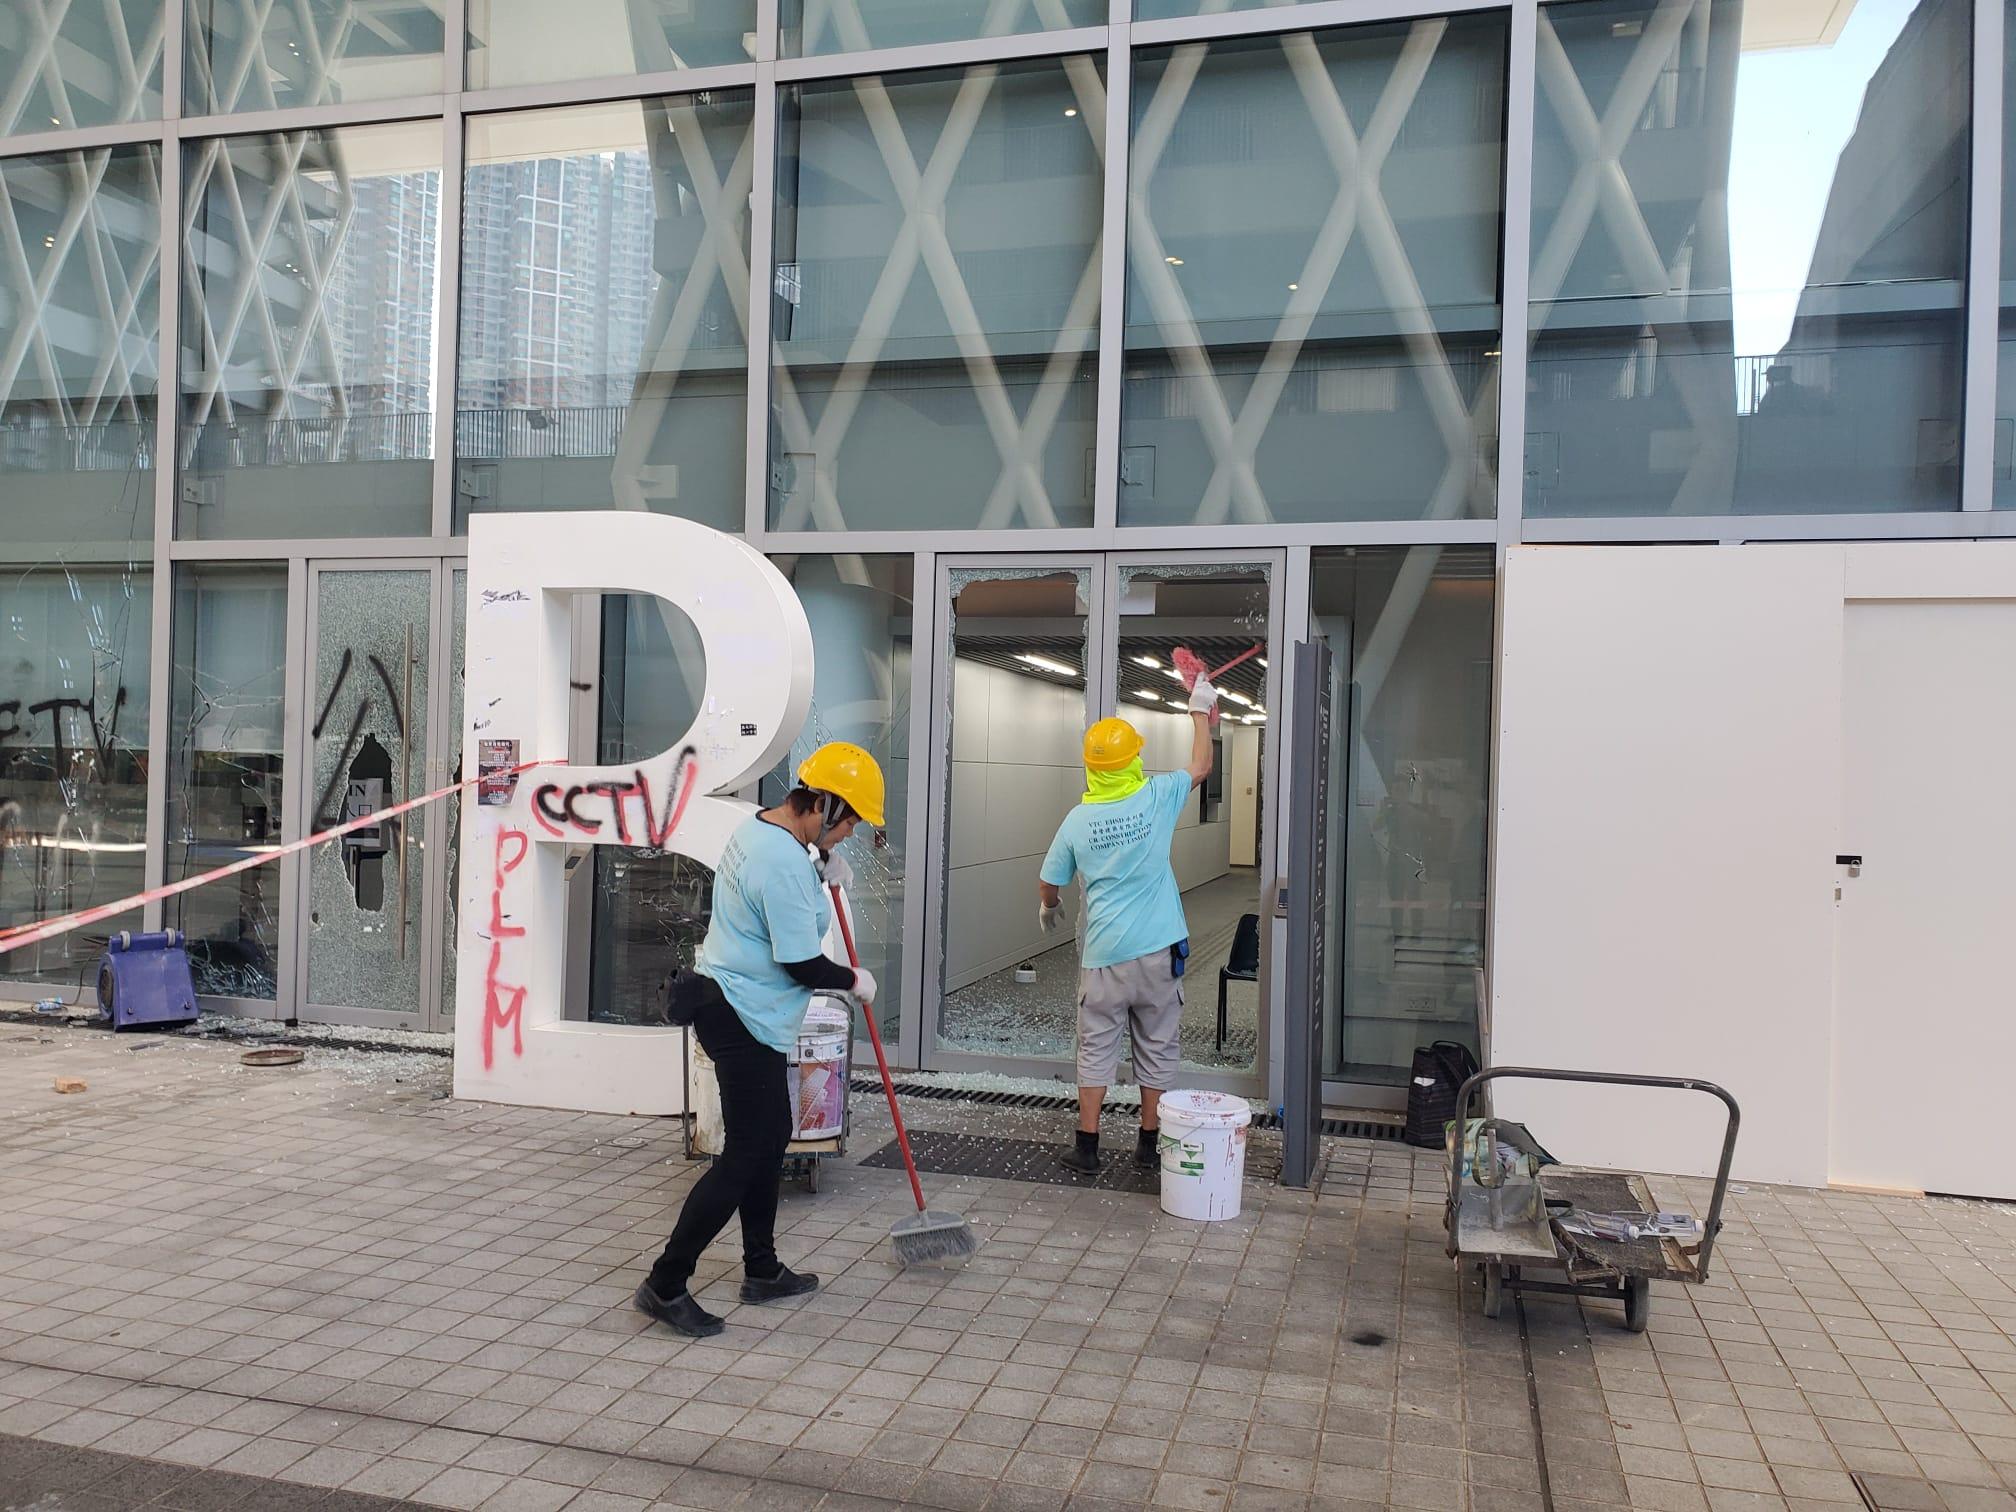 將軍澳知專設計學院校舍工人清理玻璃碎及損毀設施